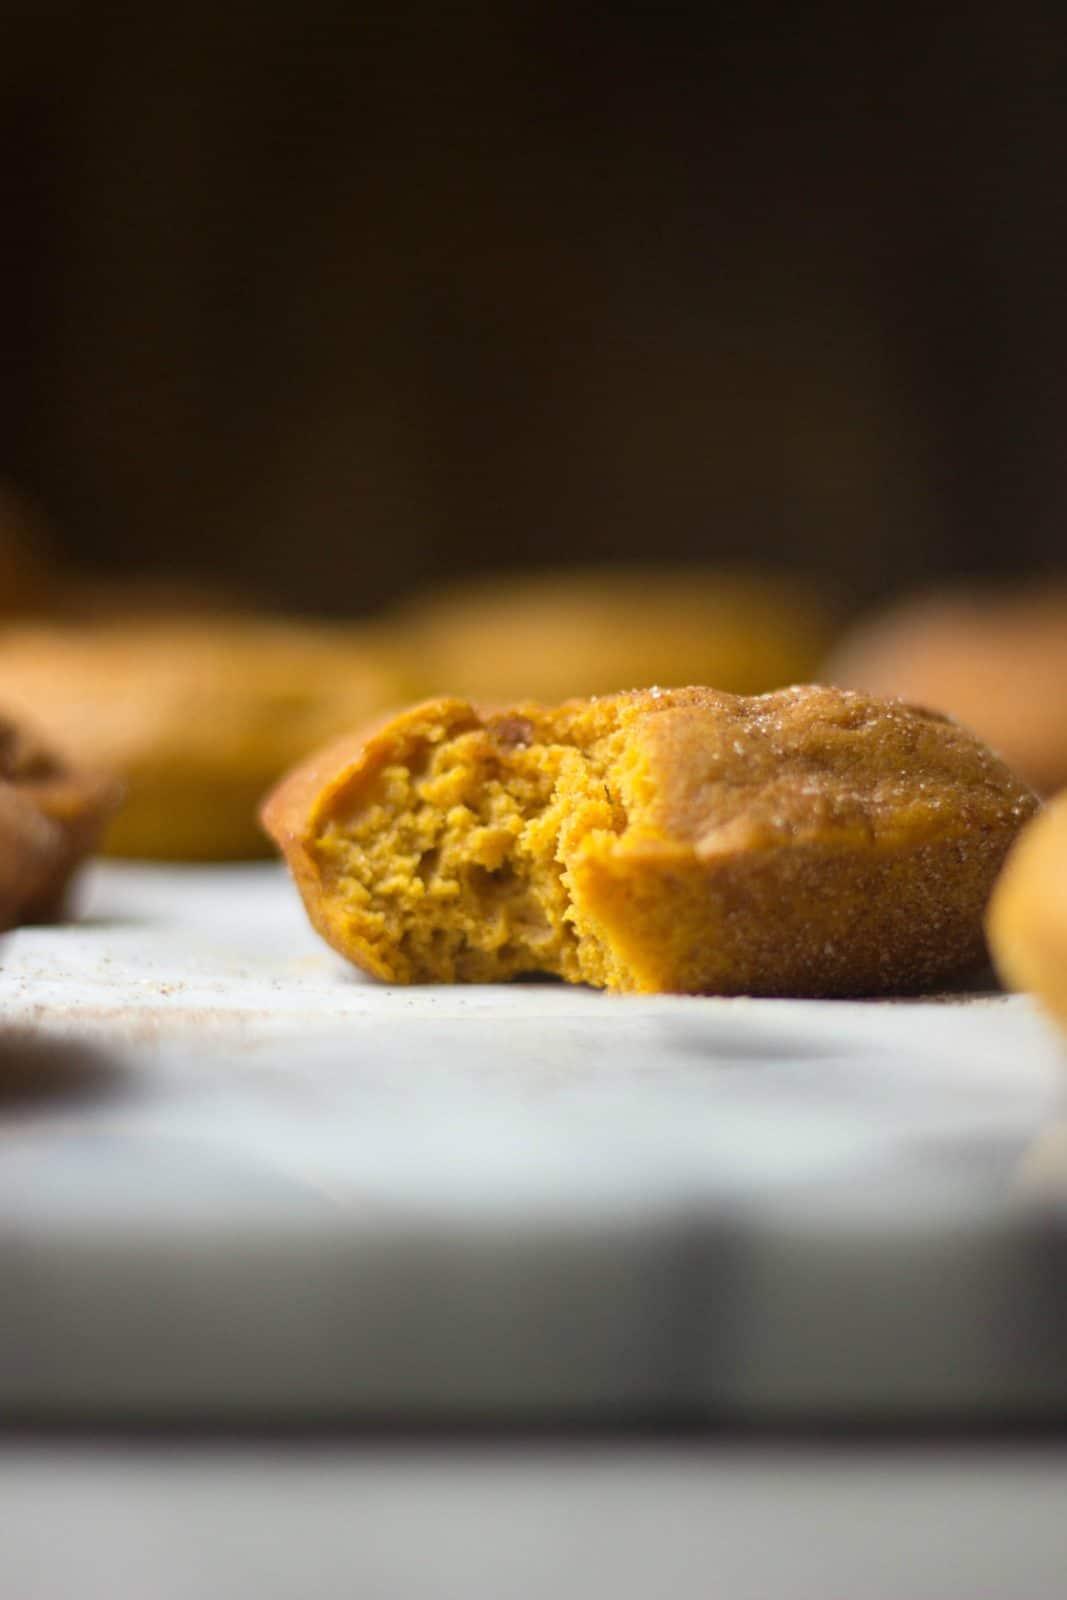 Cinnamon Sugar Pumpkin Donuts - The Gourmet RD